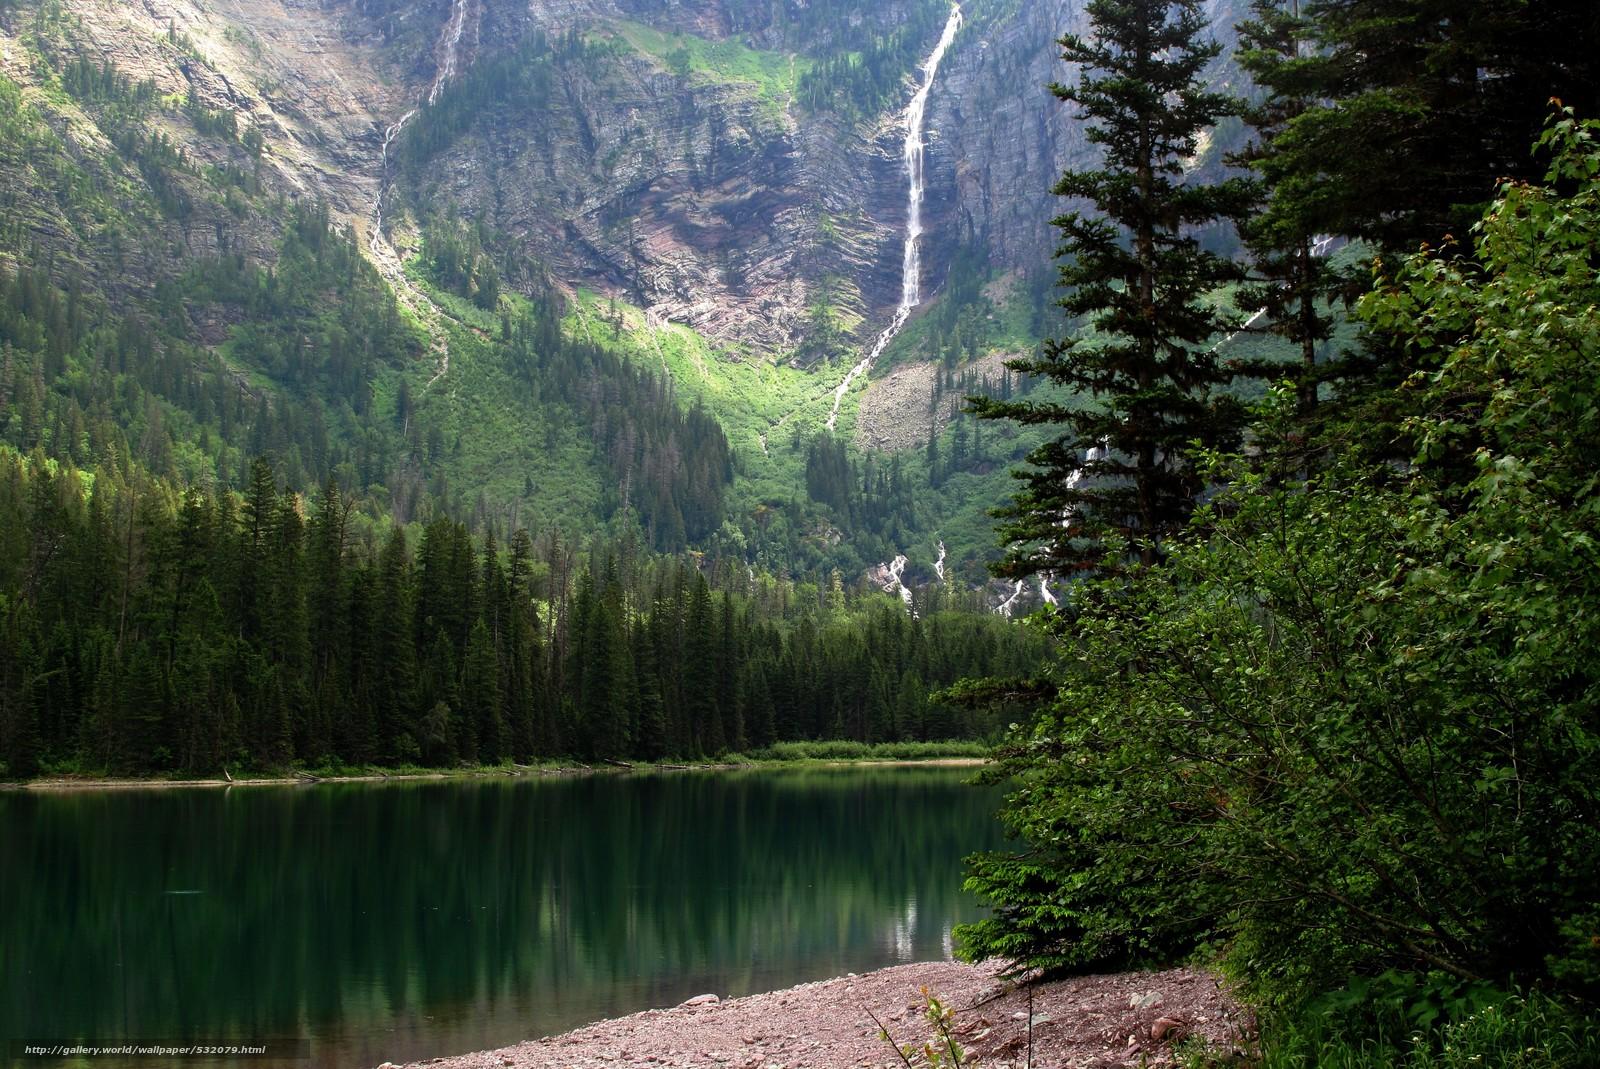 Скачать обои горы,  река,  деревья,  пейзаж бесплатно для рабочего стола в разрешении 4416x2950 — картинка №532079